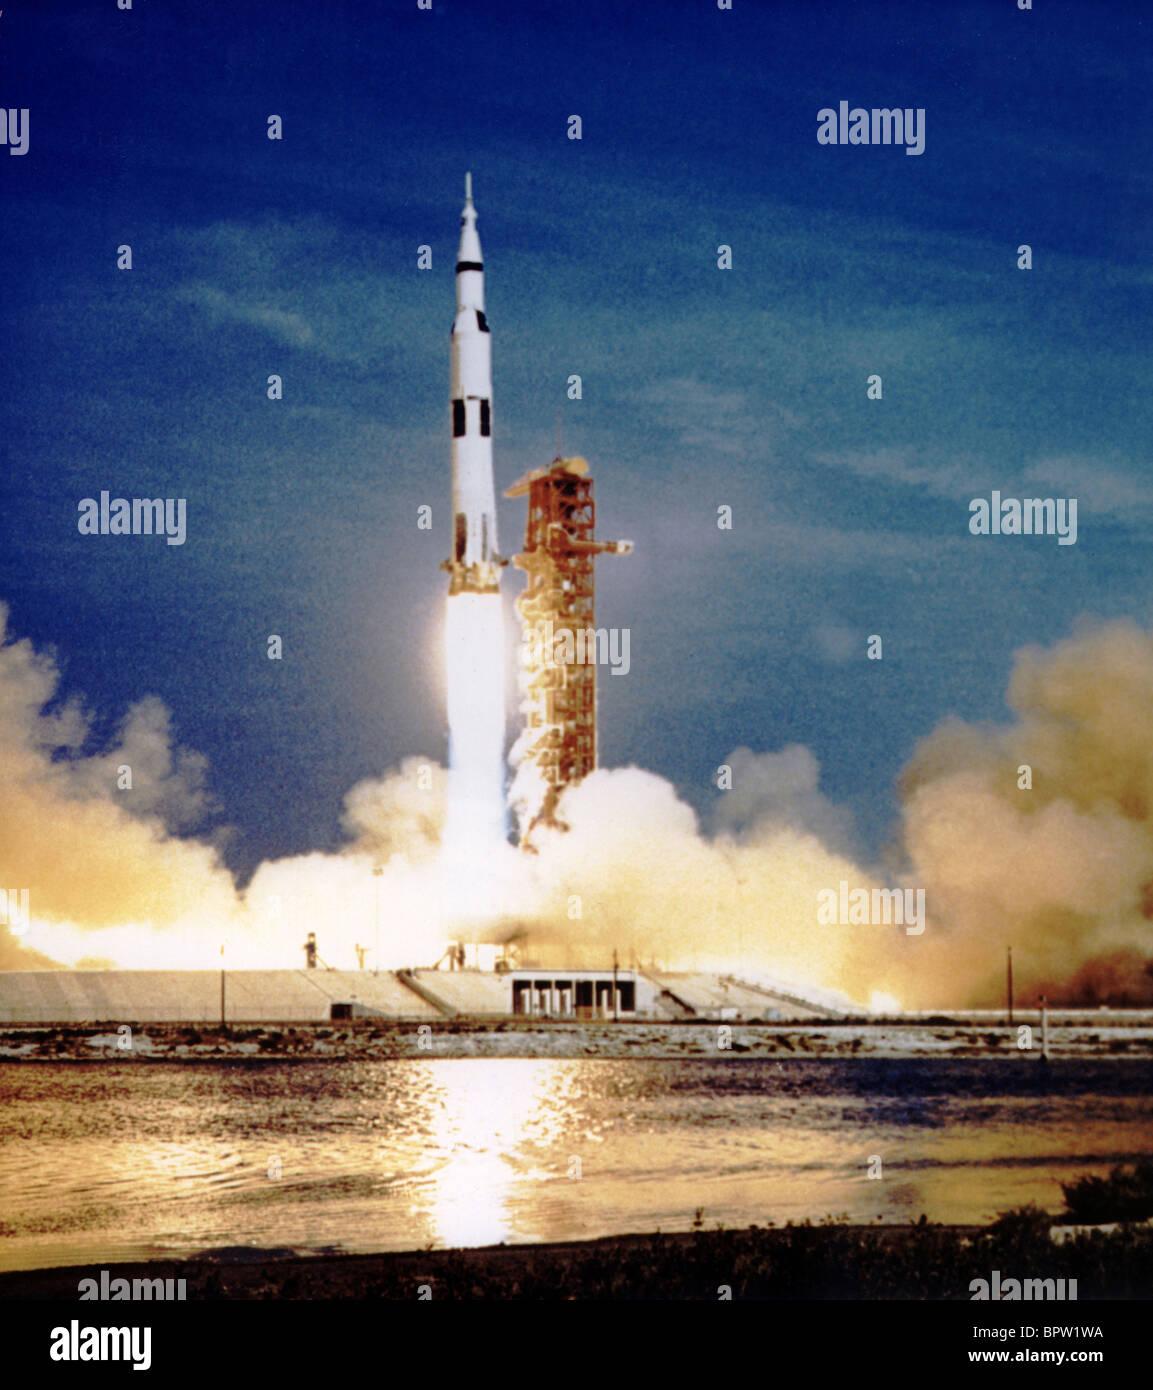 Lançamento de Foguetes SATURNO APOLLO 11 (1969) Imagens de Stock